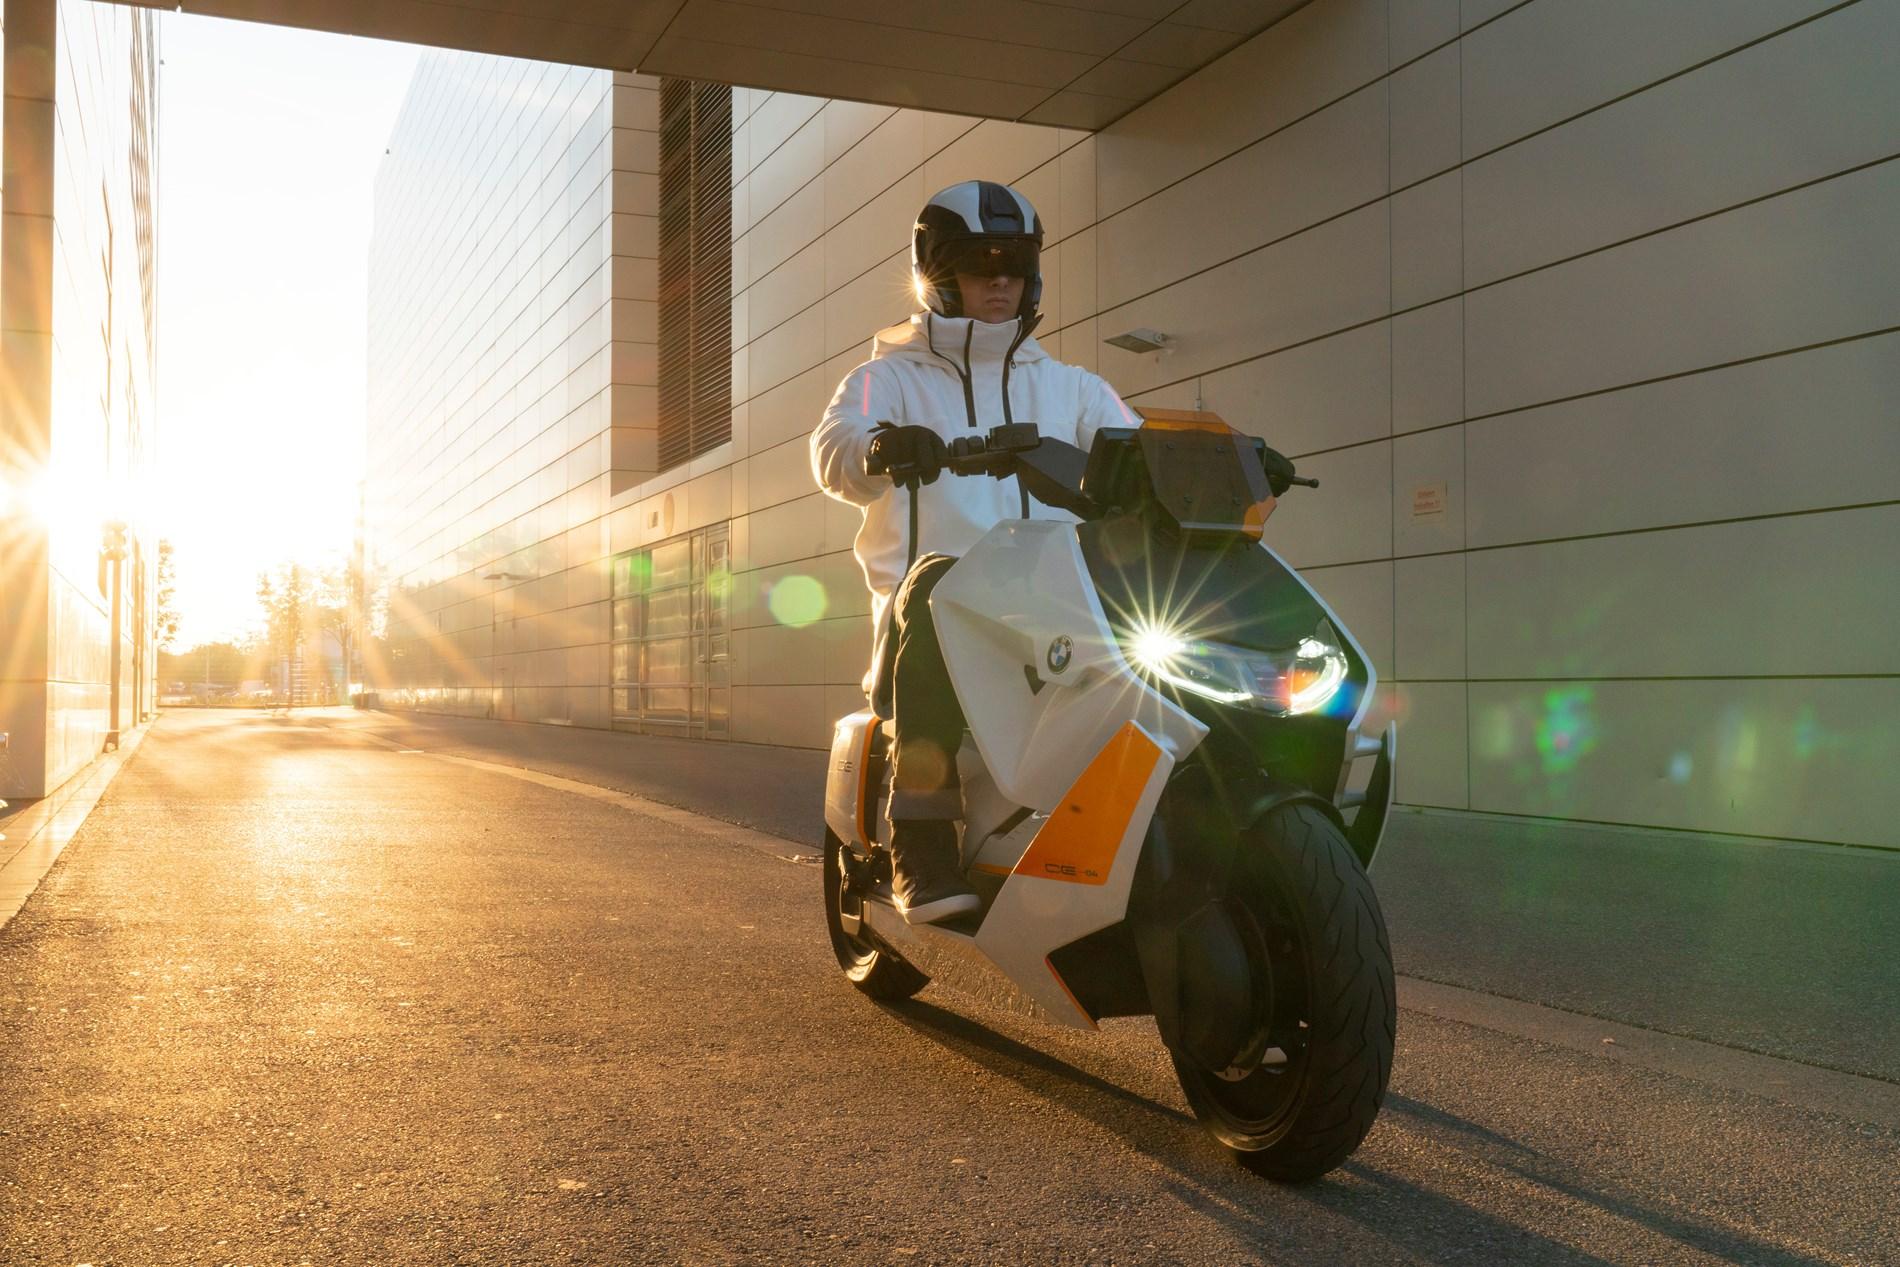 BMW Motorrad Definition CE 04. De nieuwe stijl van stedelijke mobiliteit op twee wielen.